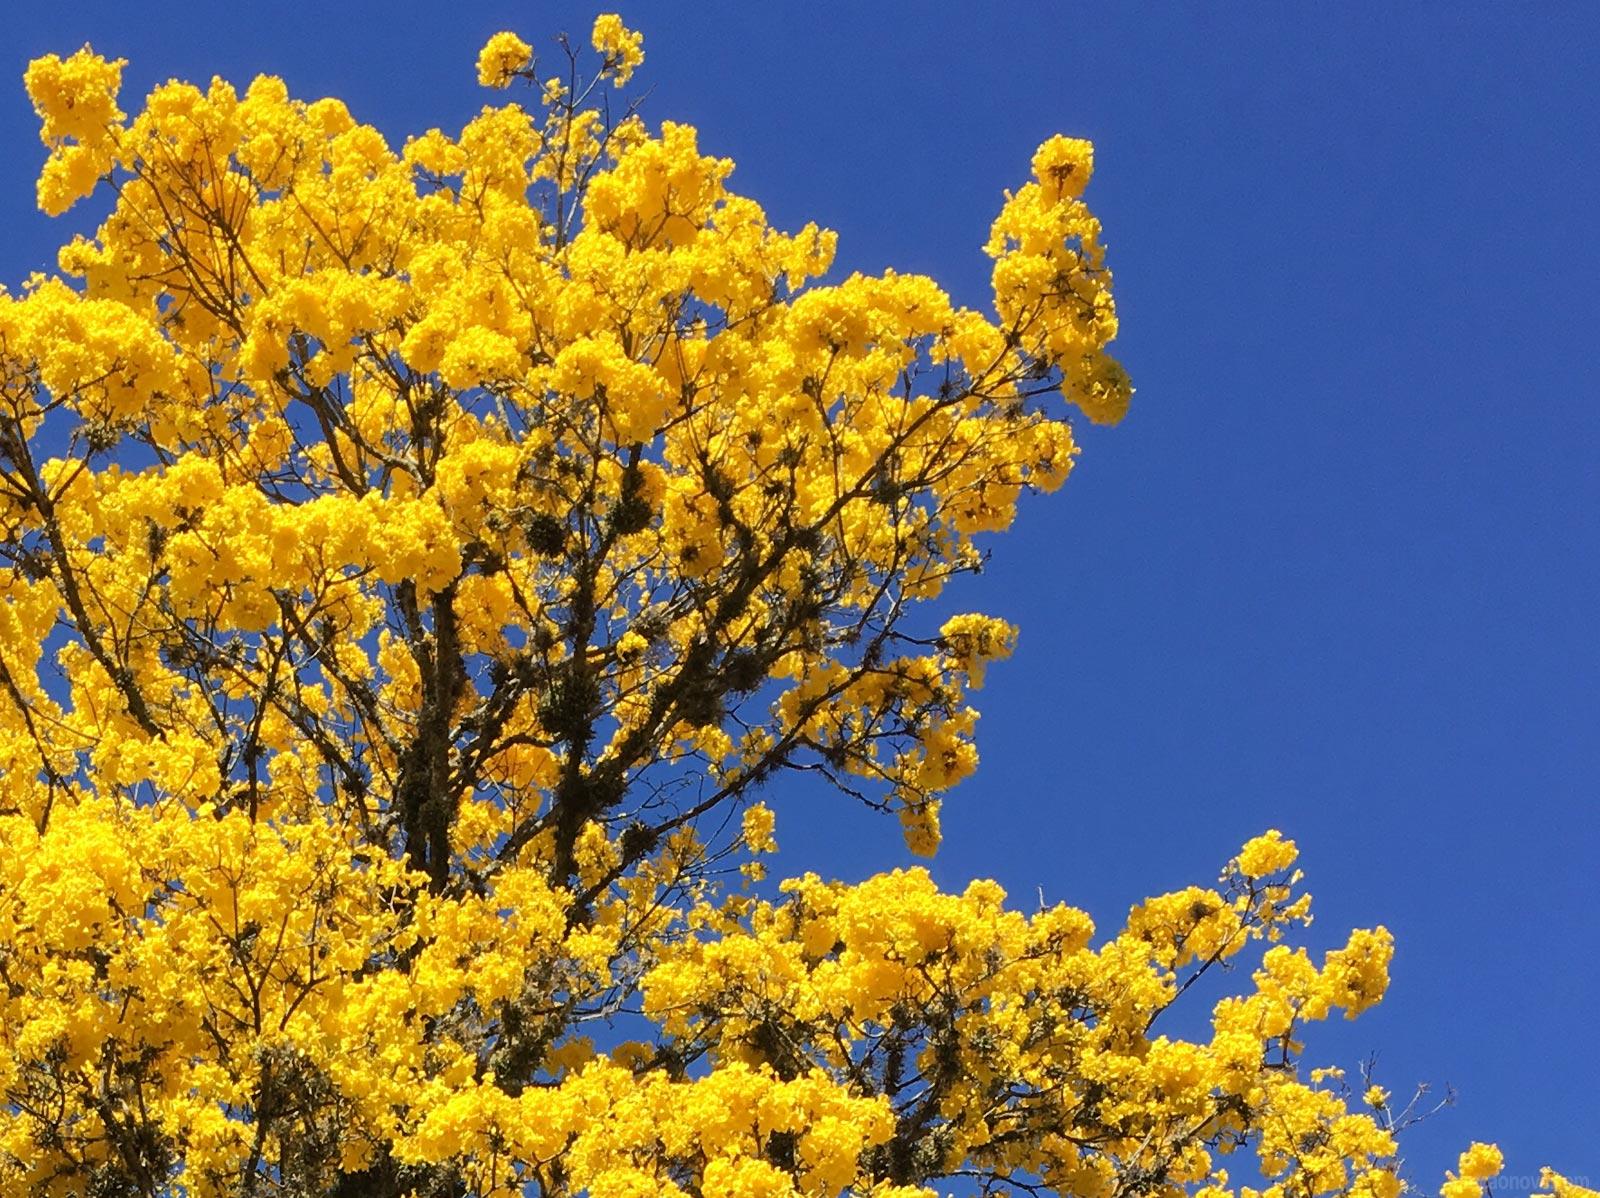 --Os-ipês-amarelos-e-a-sensação-que-eles-me-trazem